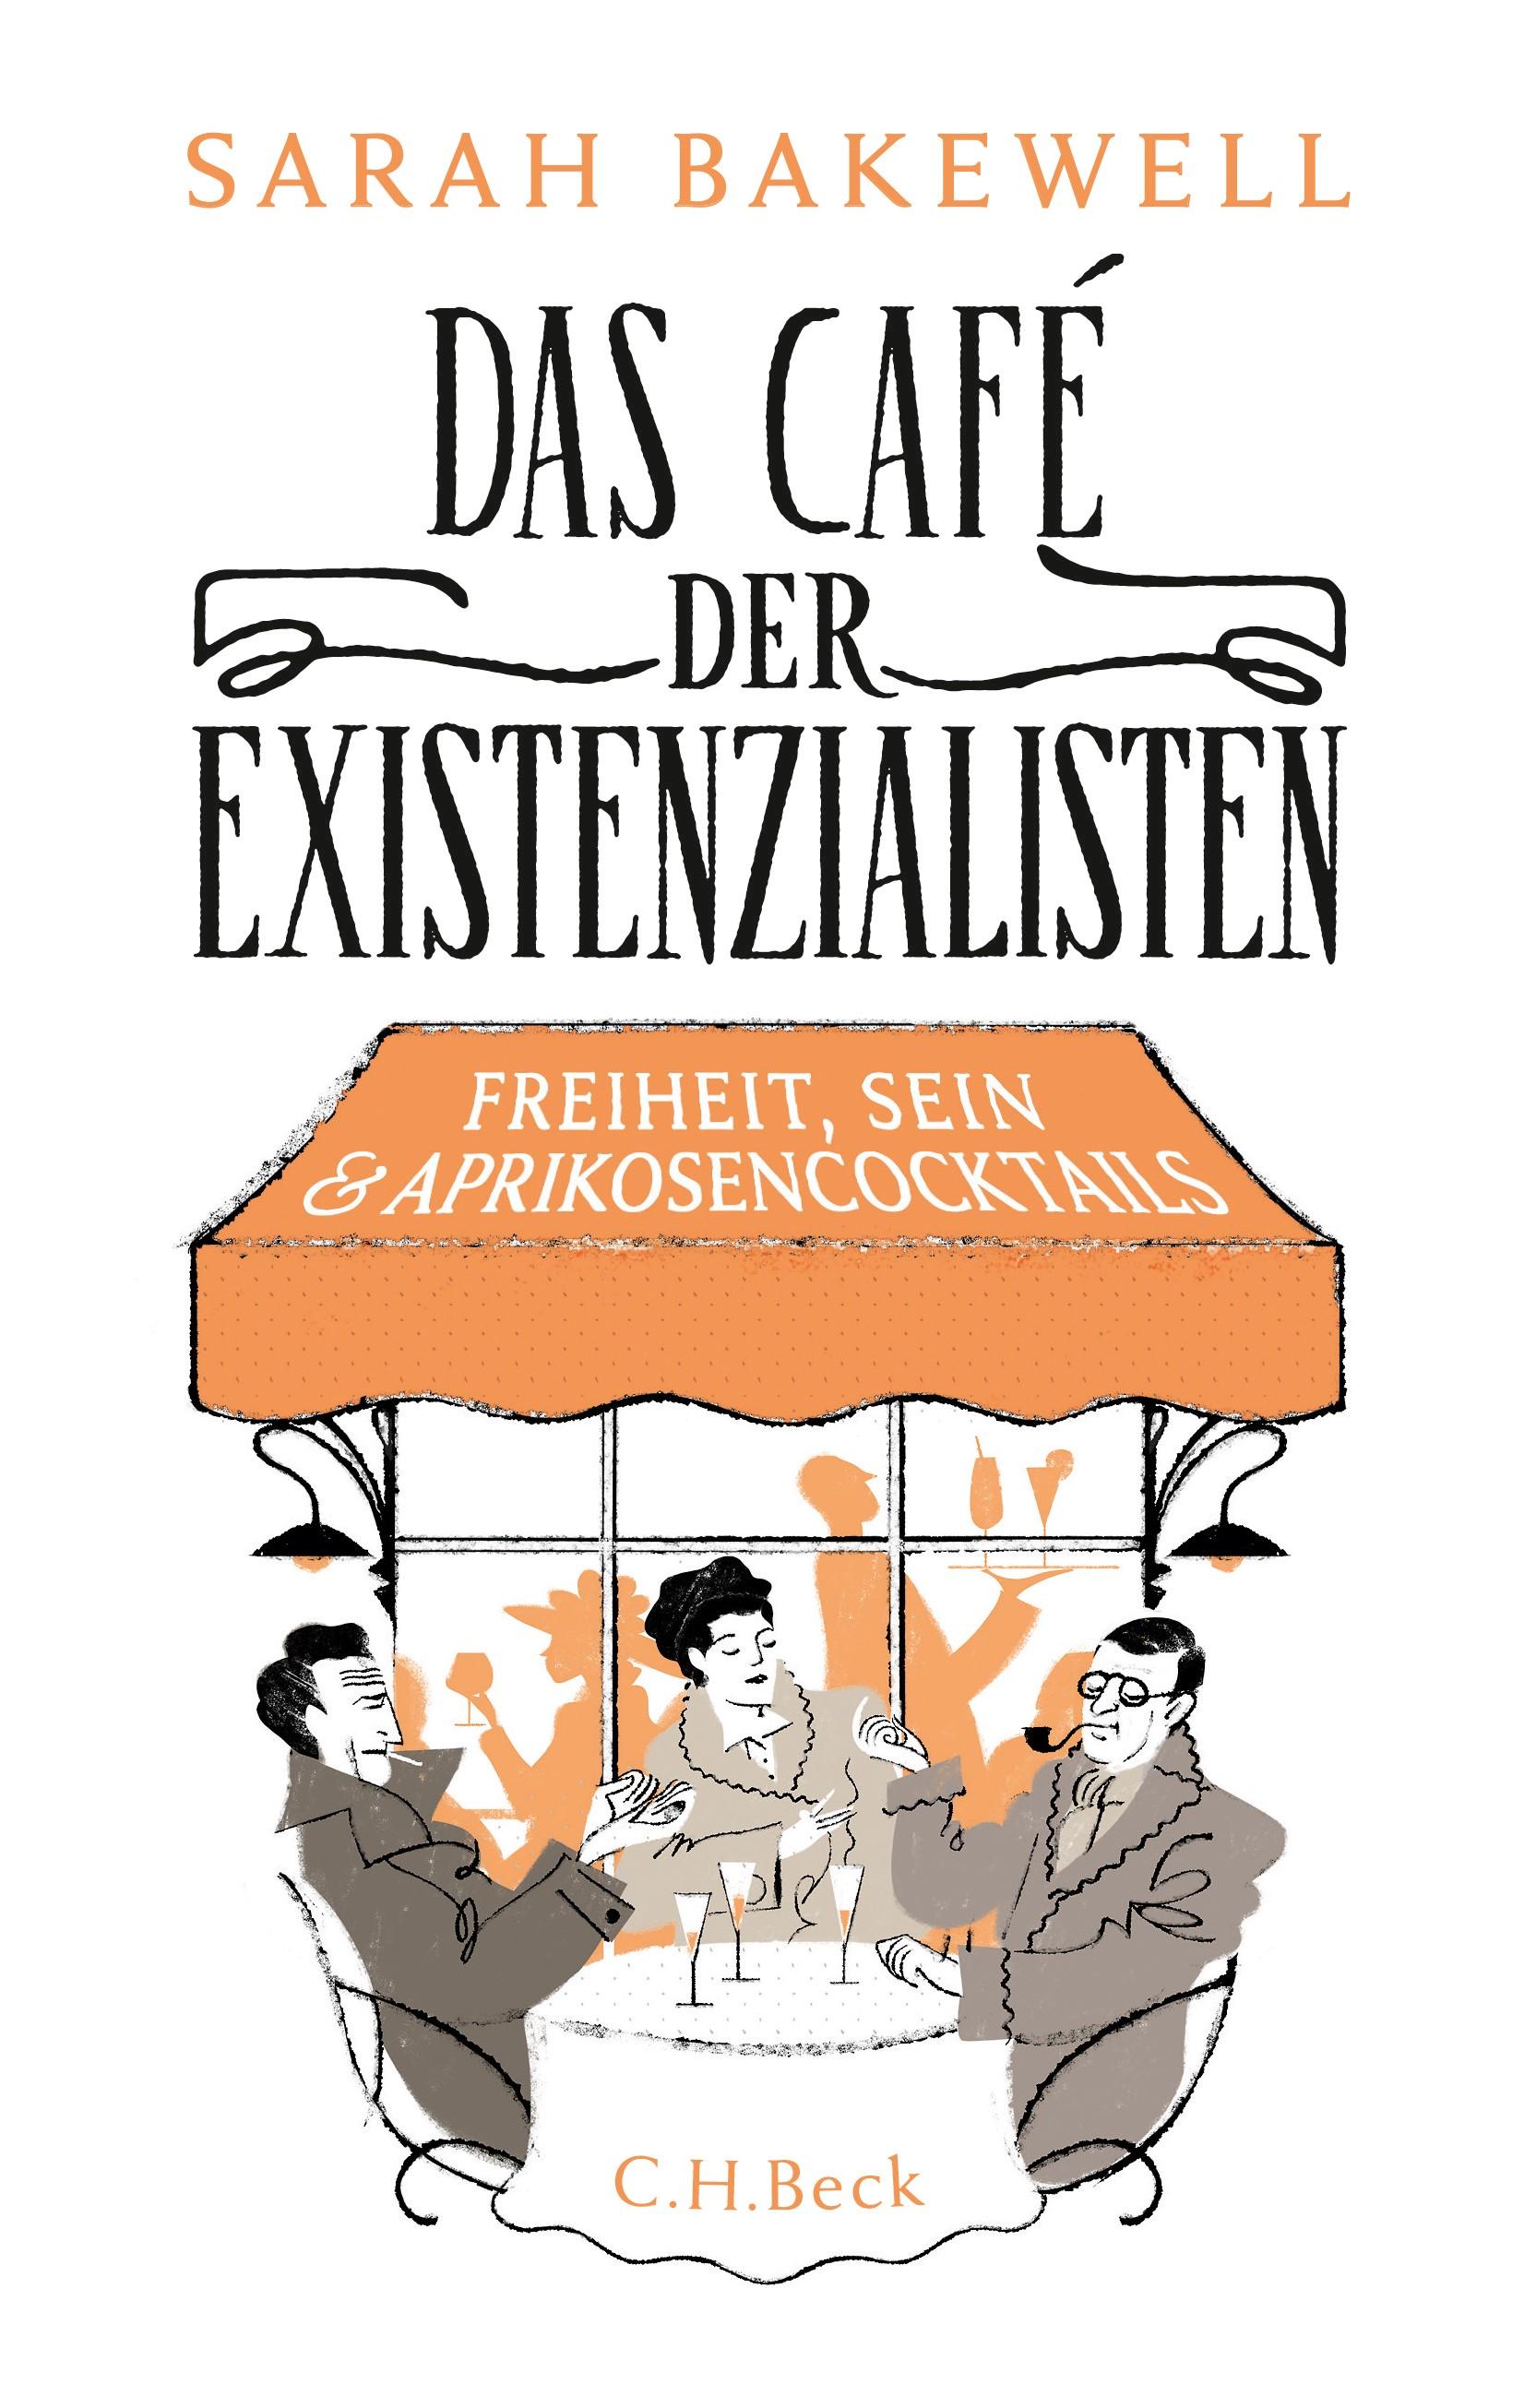 Das Café der Existenzialisten | Bakewell, Sarah | 7. Auflage, 2016 | Buch (Cover)